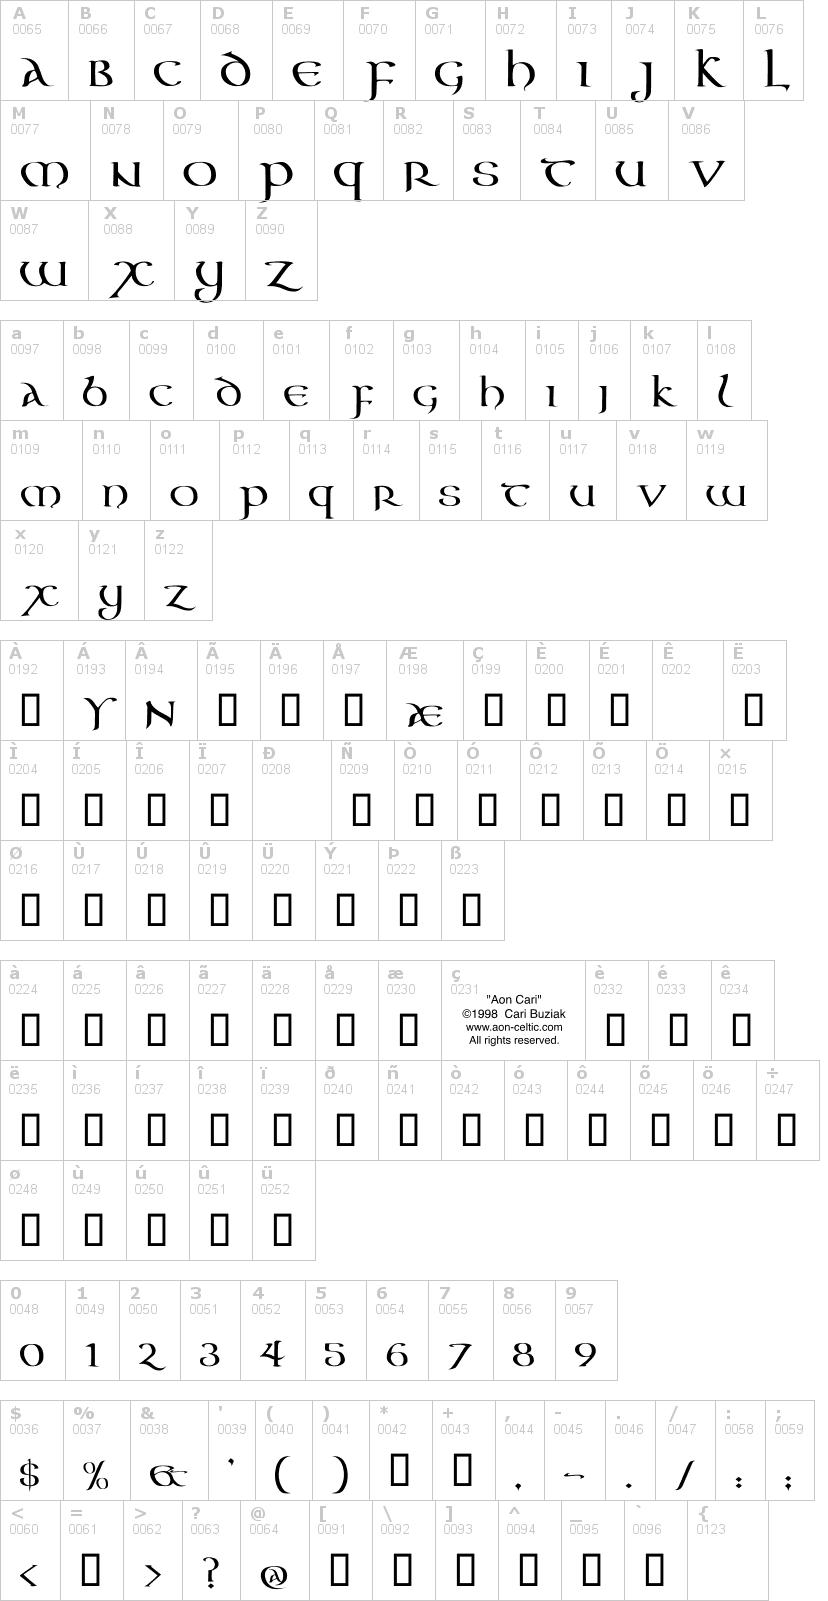 Lettere dell'alfabeto del font aon-cari-celtic con le quali è possibile realizzare adesivi prespaziati